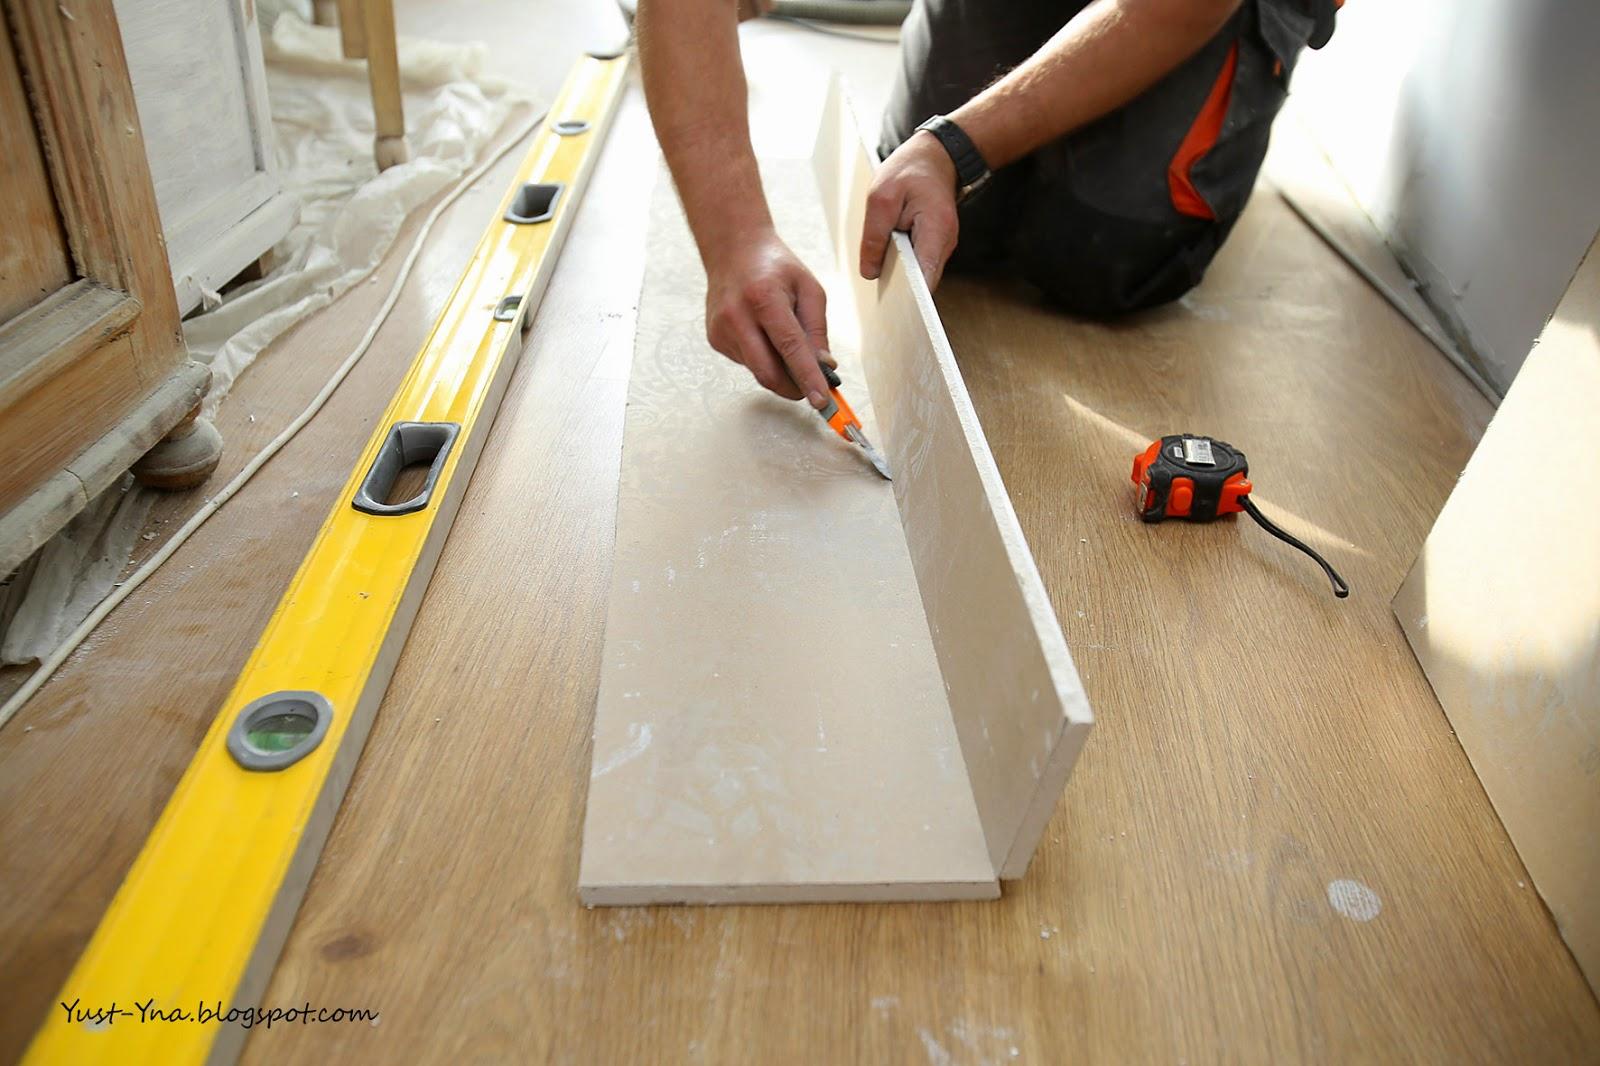 Montowanie płyt kartonowo-gipsowych